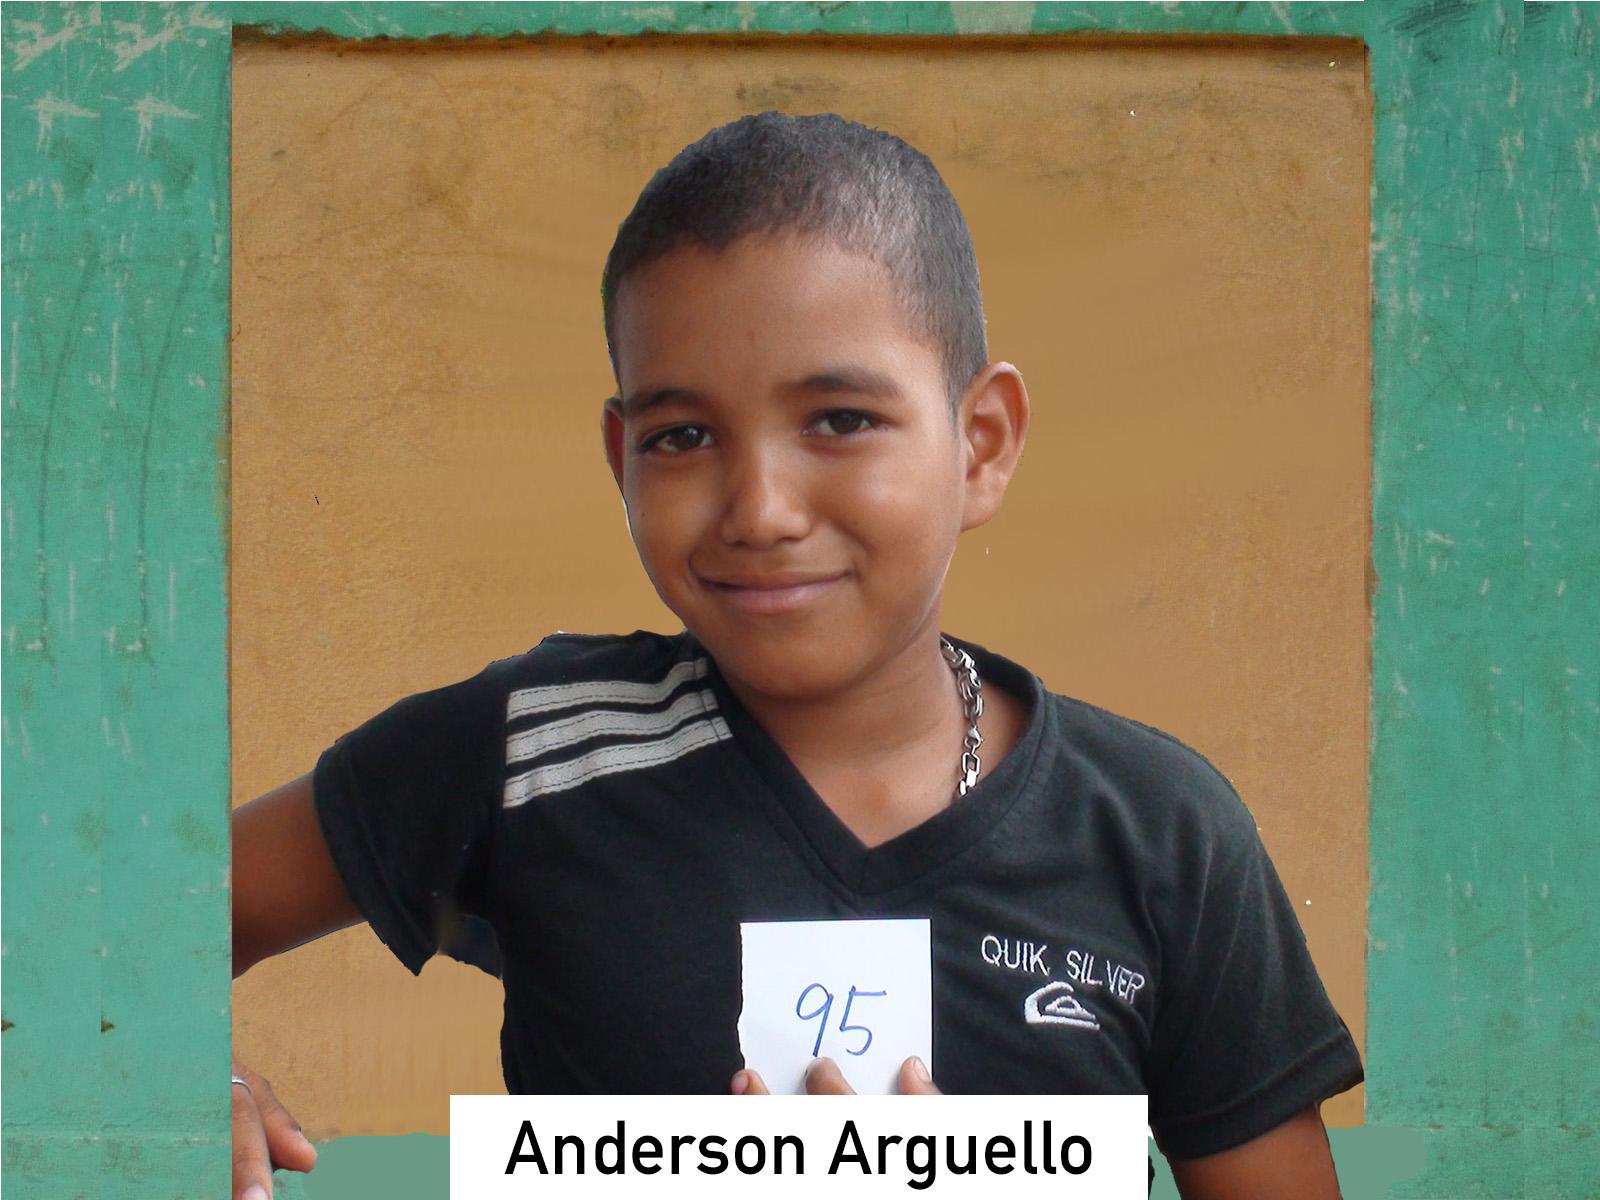 095 - Anderson Arguello.jpg